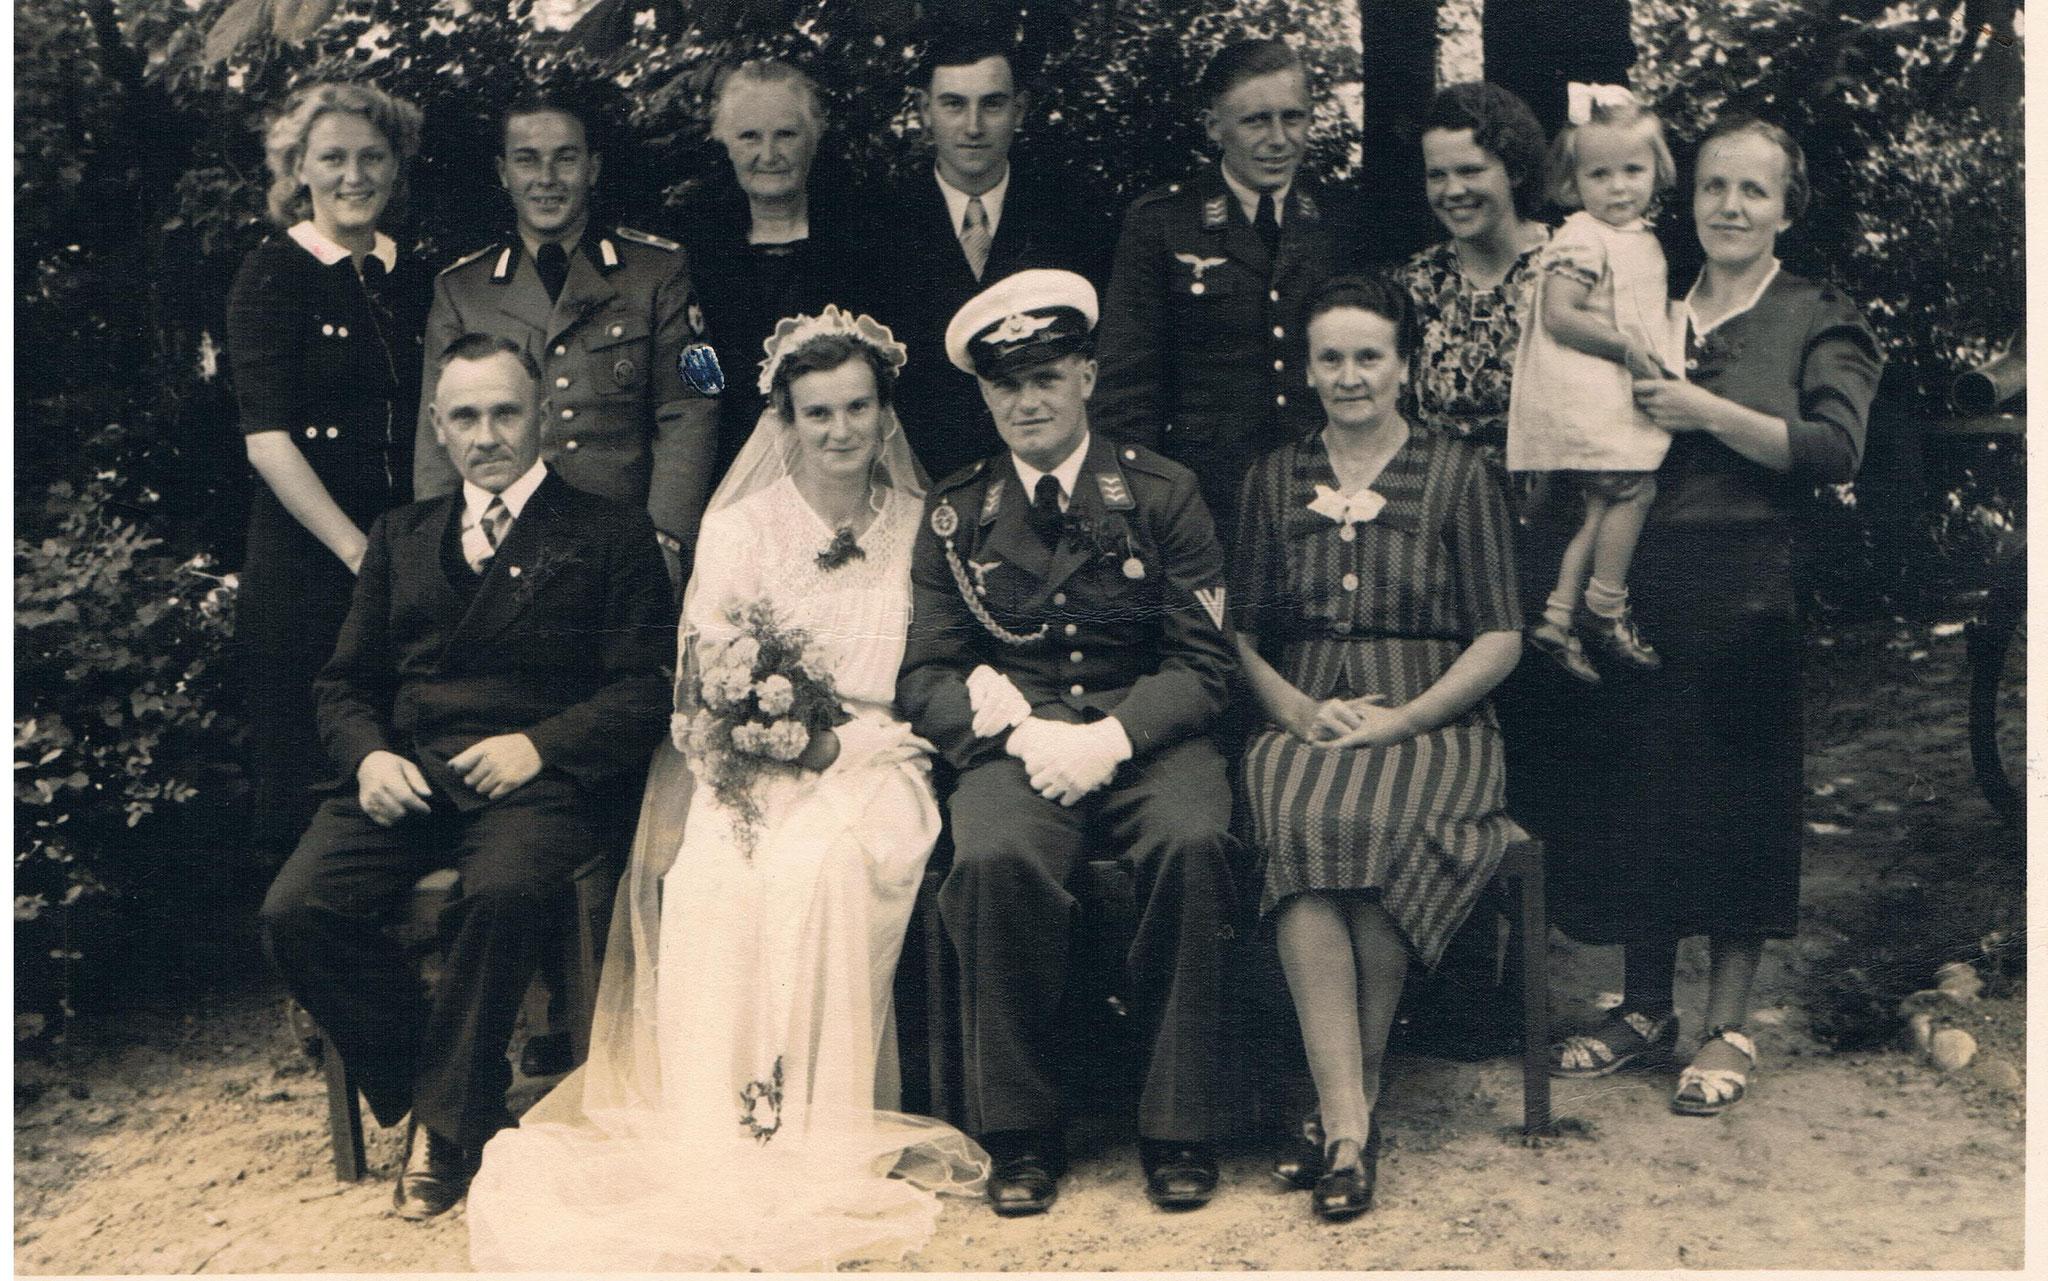 Hochzeitspaar Karl und Margot Damm, geb. Kurkowski